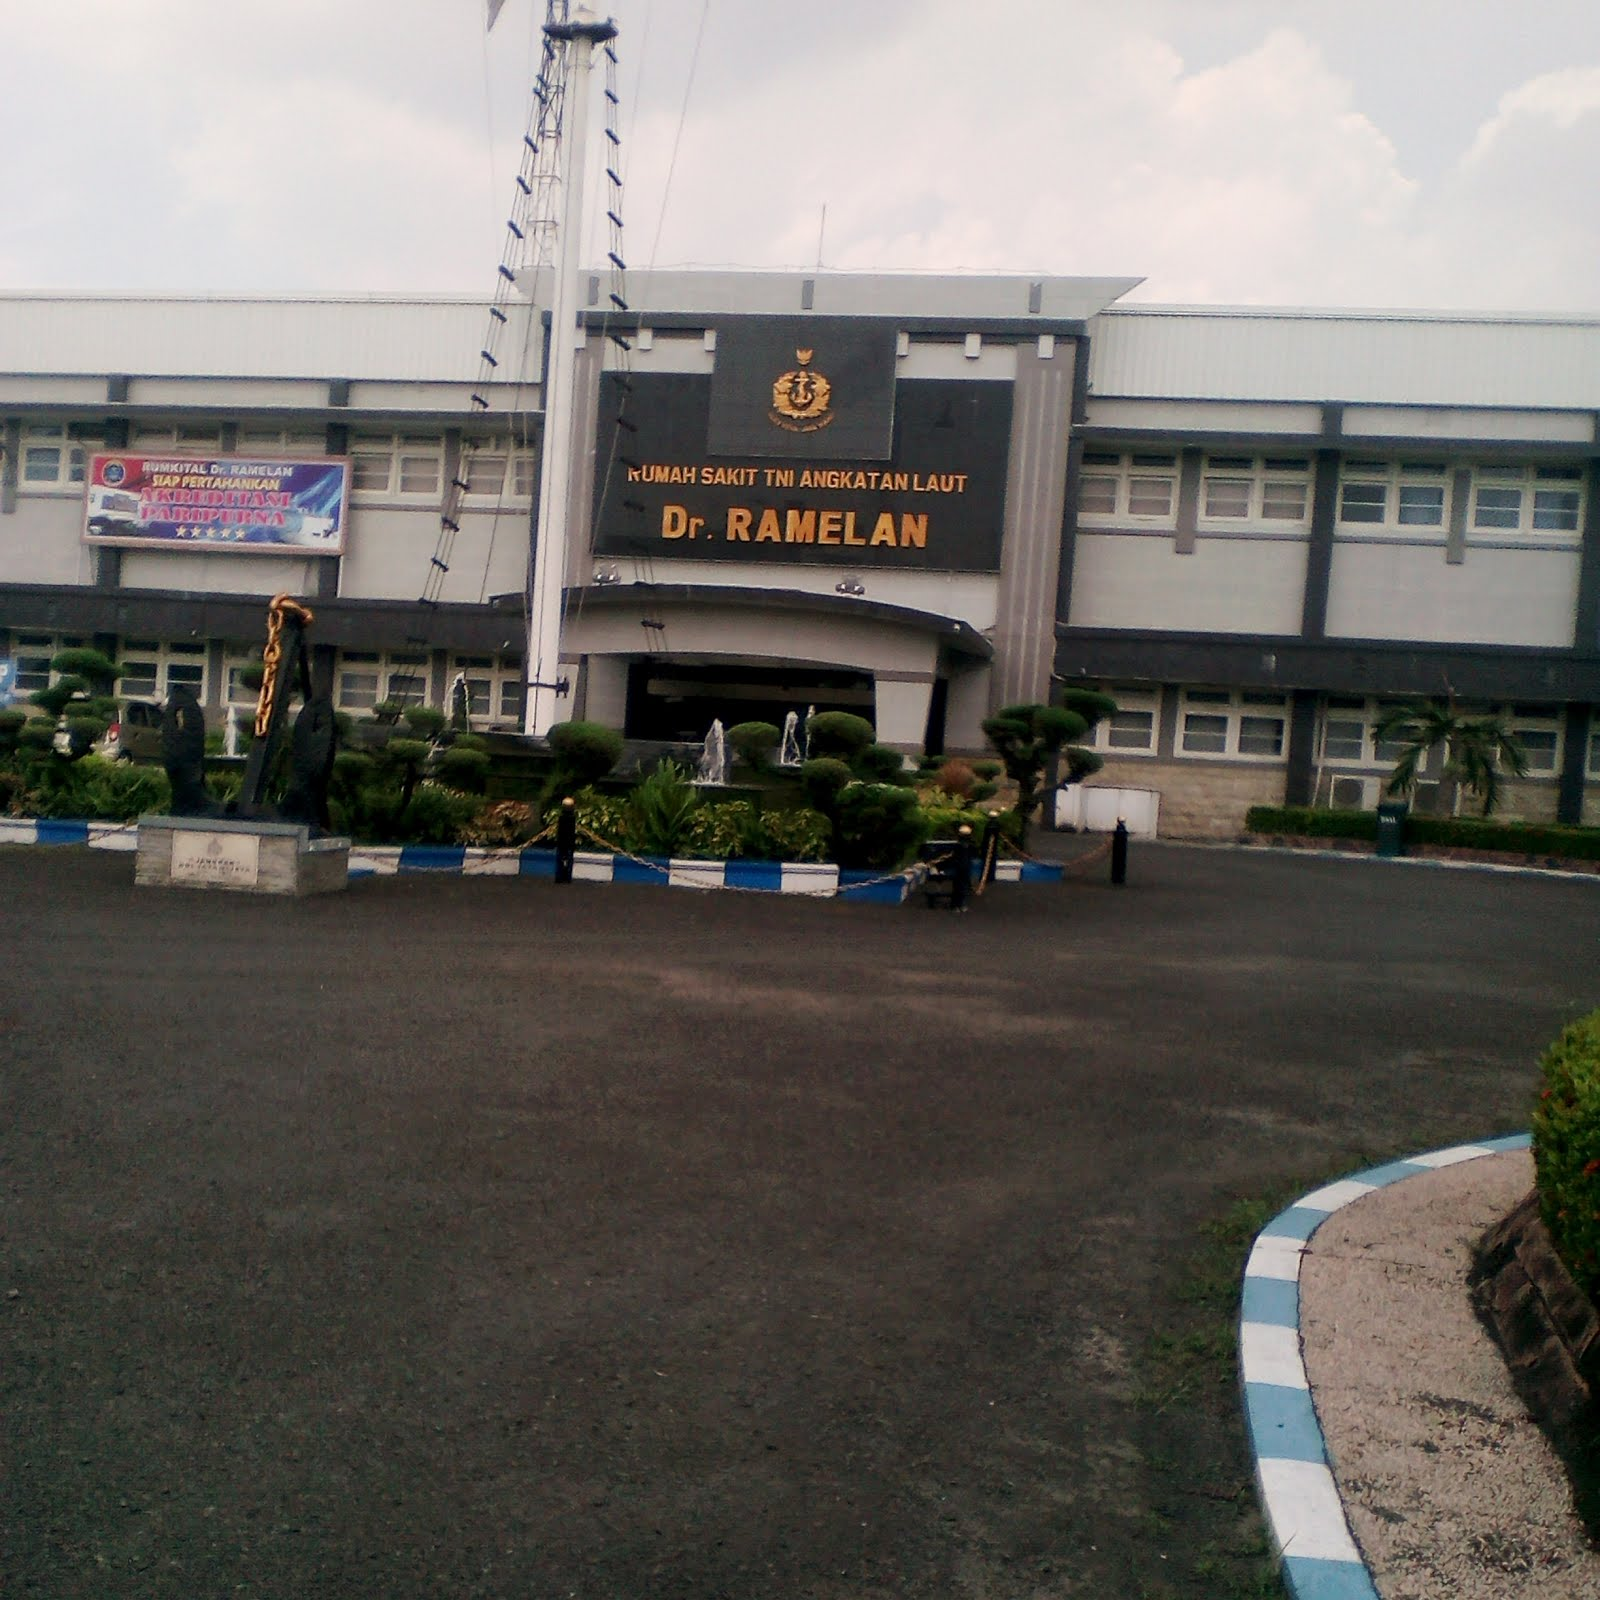 Rumah Sakit TNI Angkatan Laut Dr. Ramelan